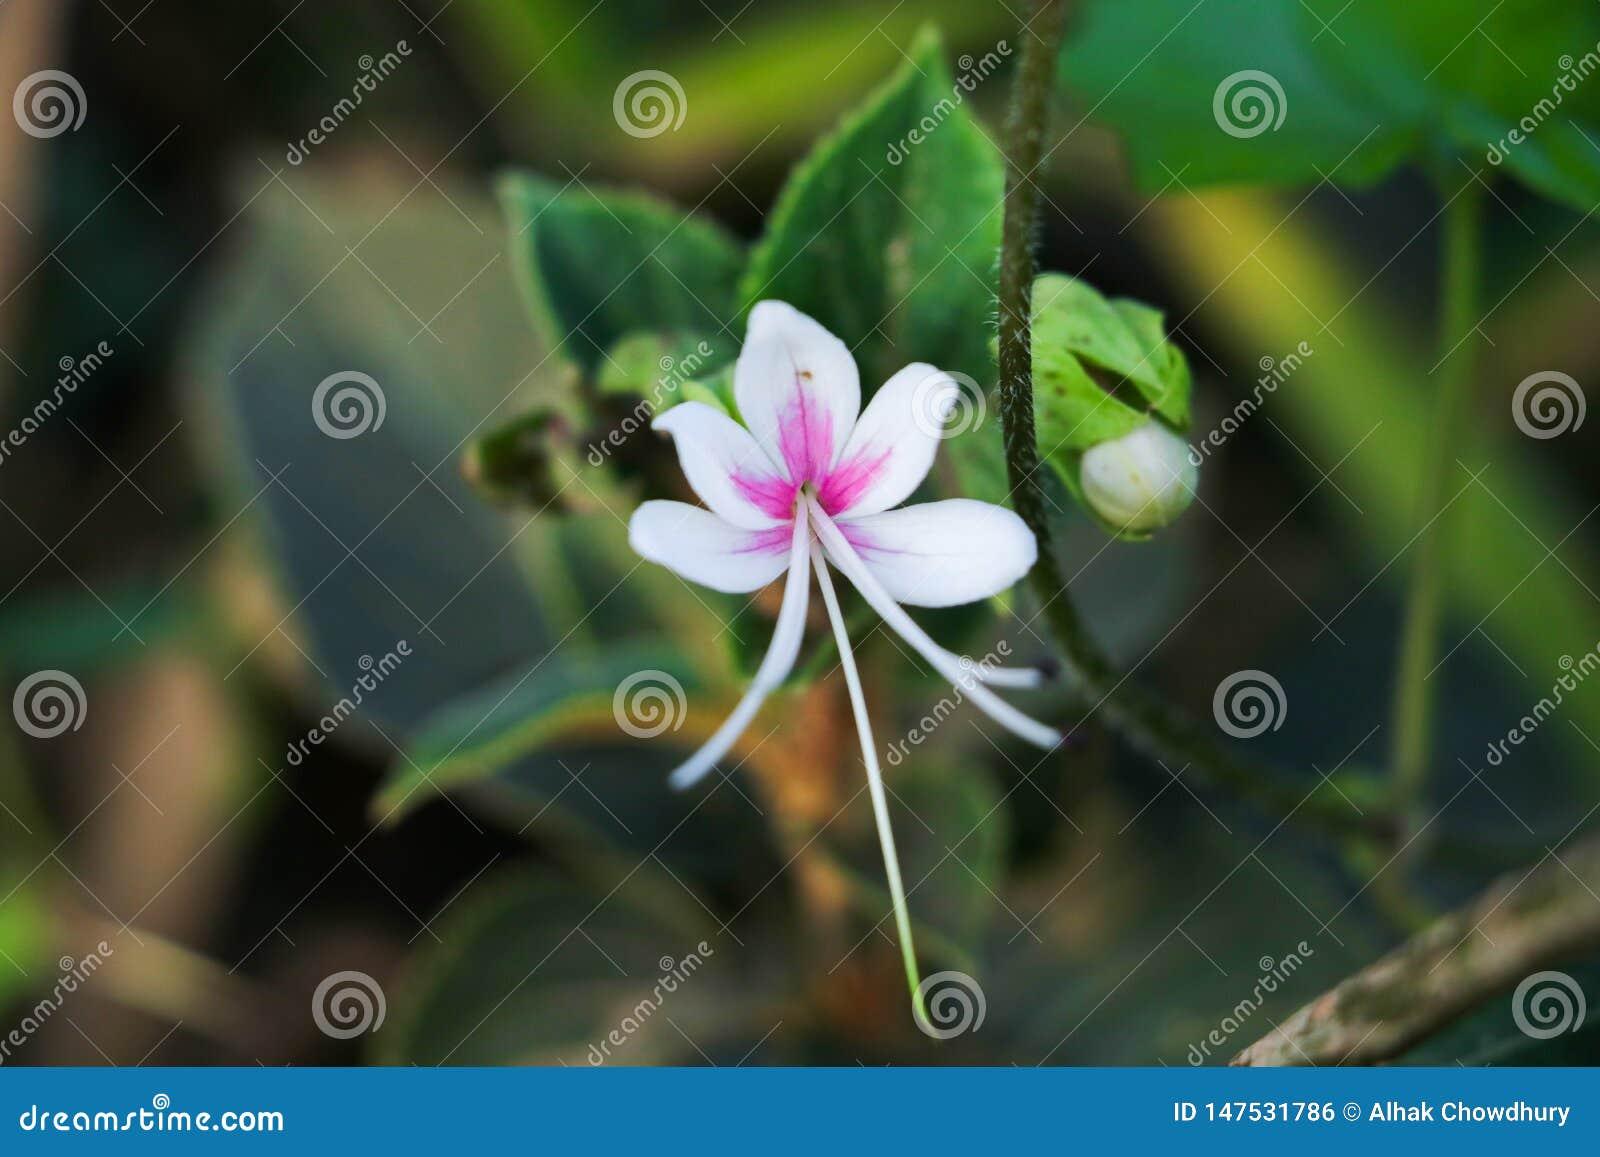 Única flor branca na cor mais azul do fundo branca e verde e em outro